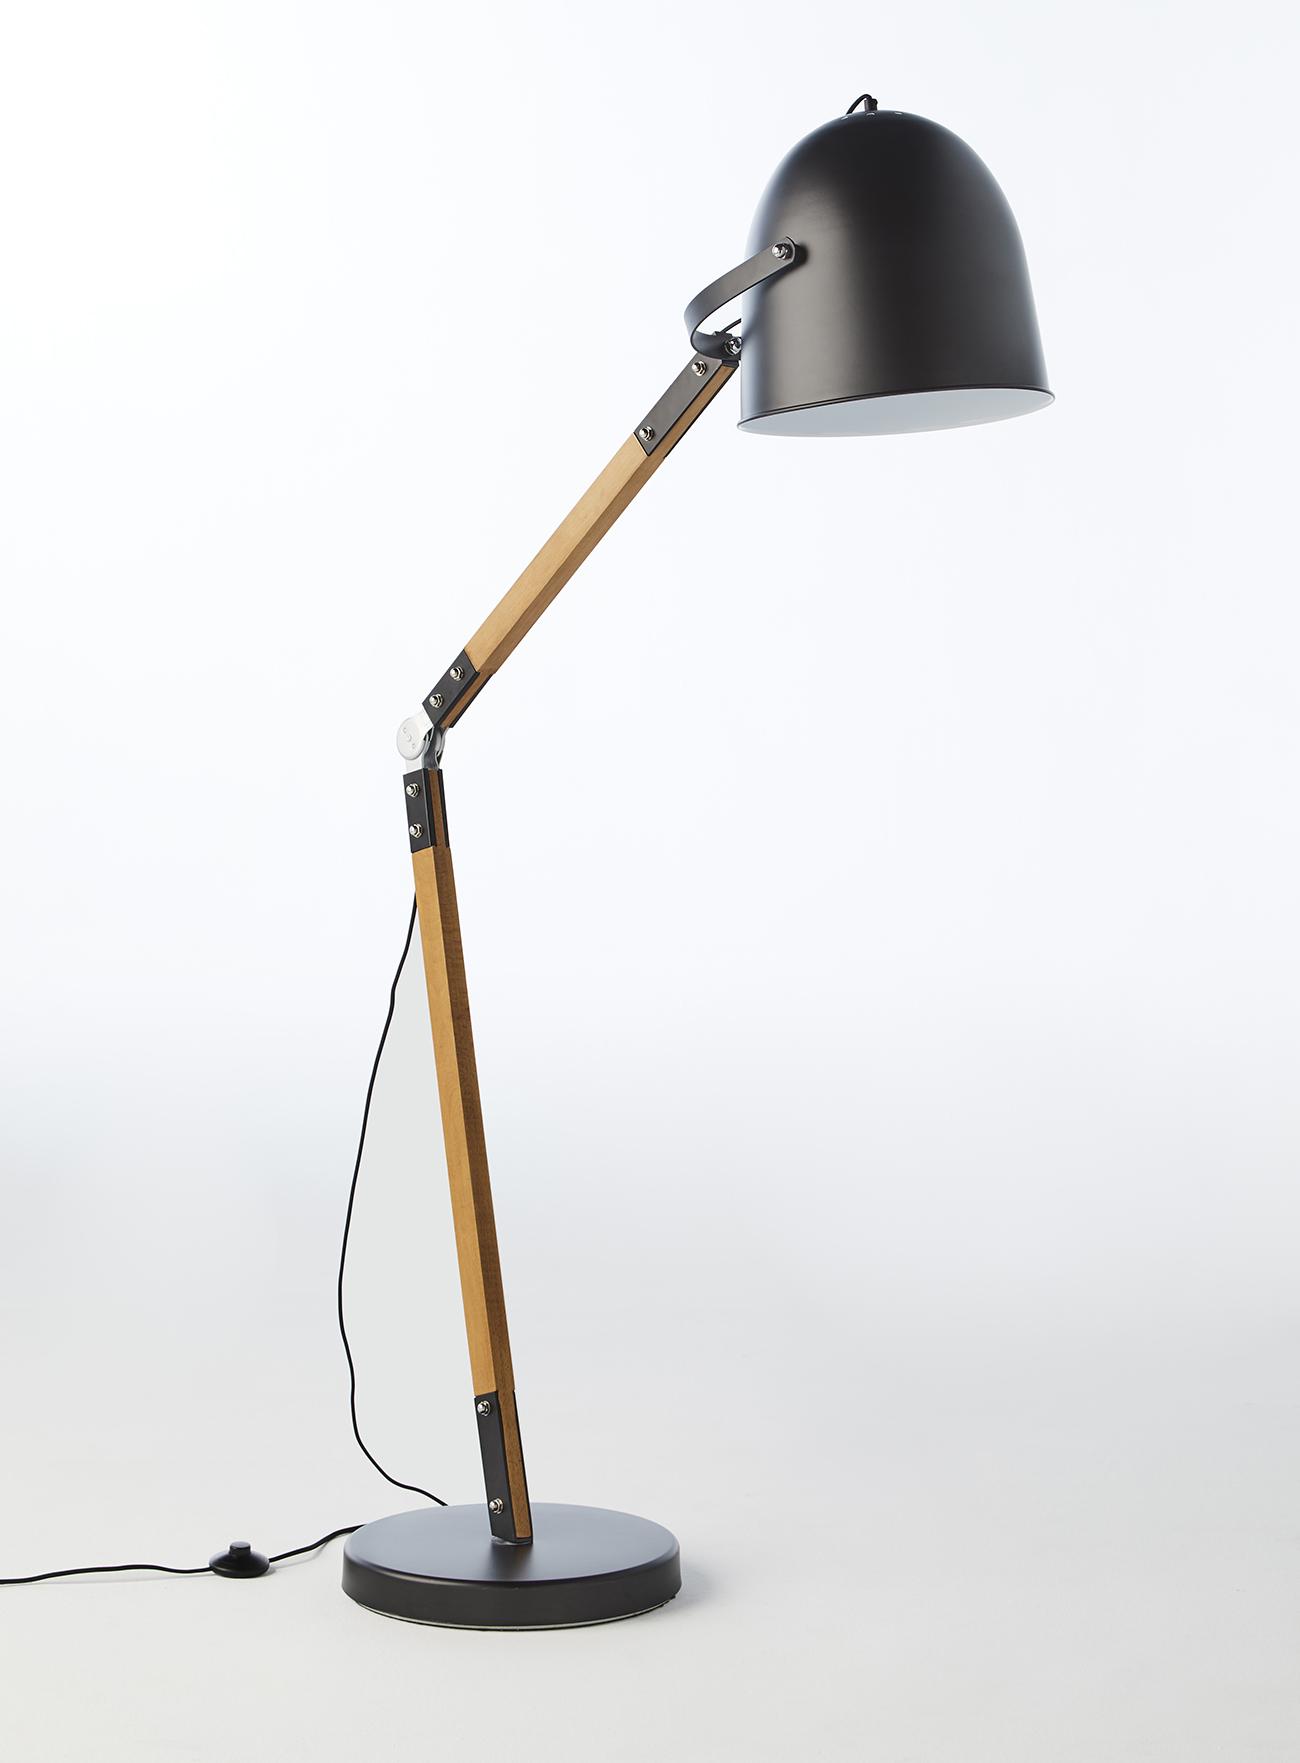 LAMPARA 15005 - D.H